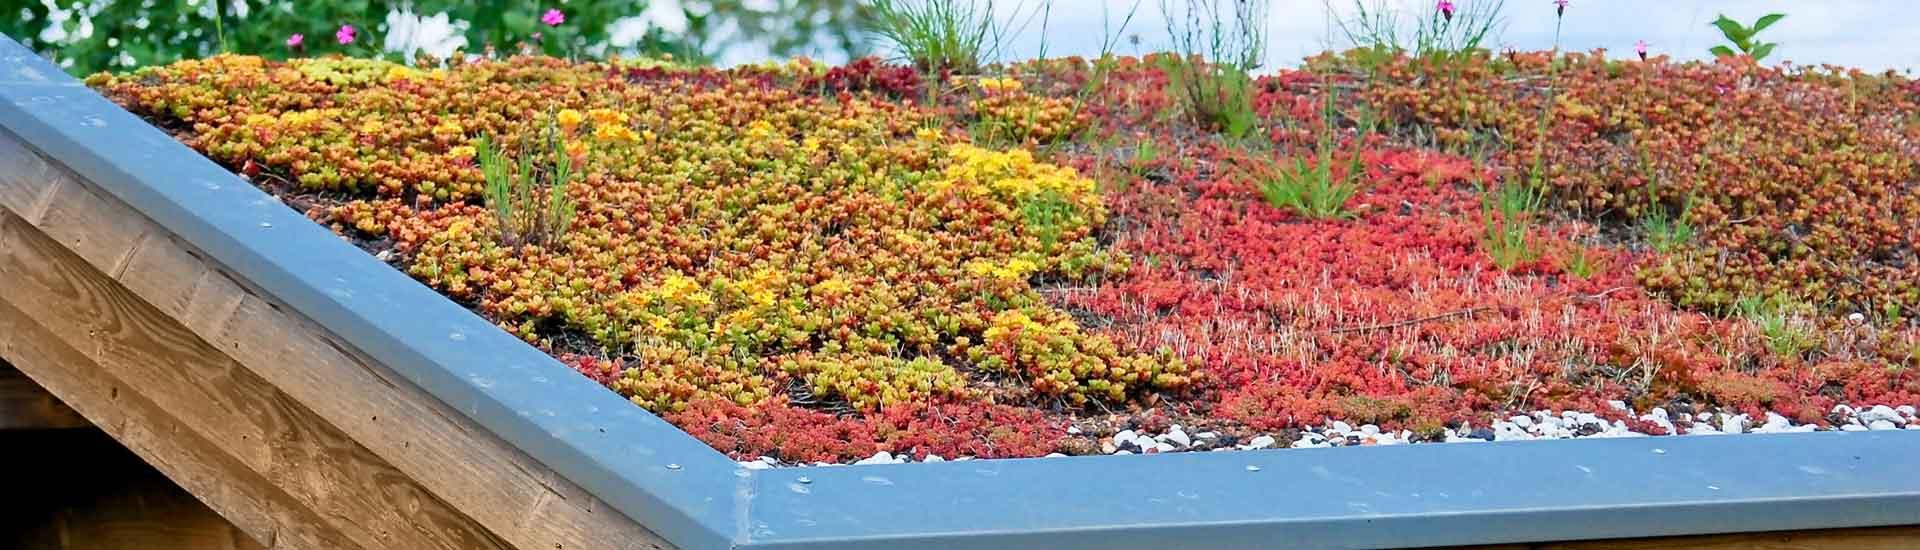 Réalisation d'une toiture végétale en Suisse